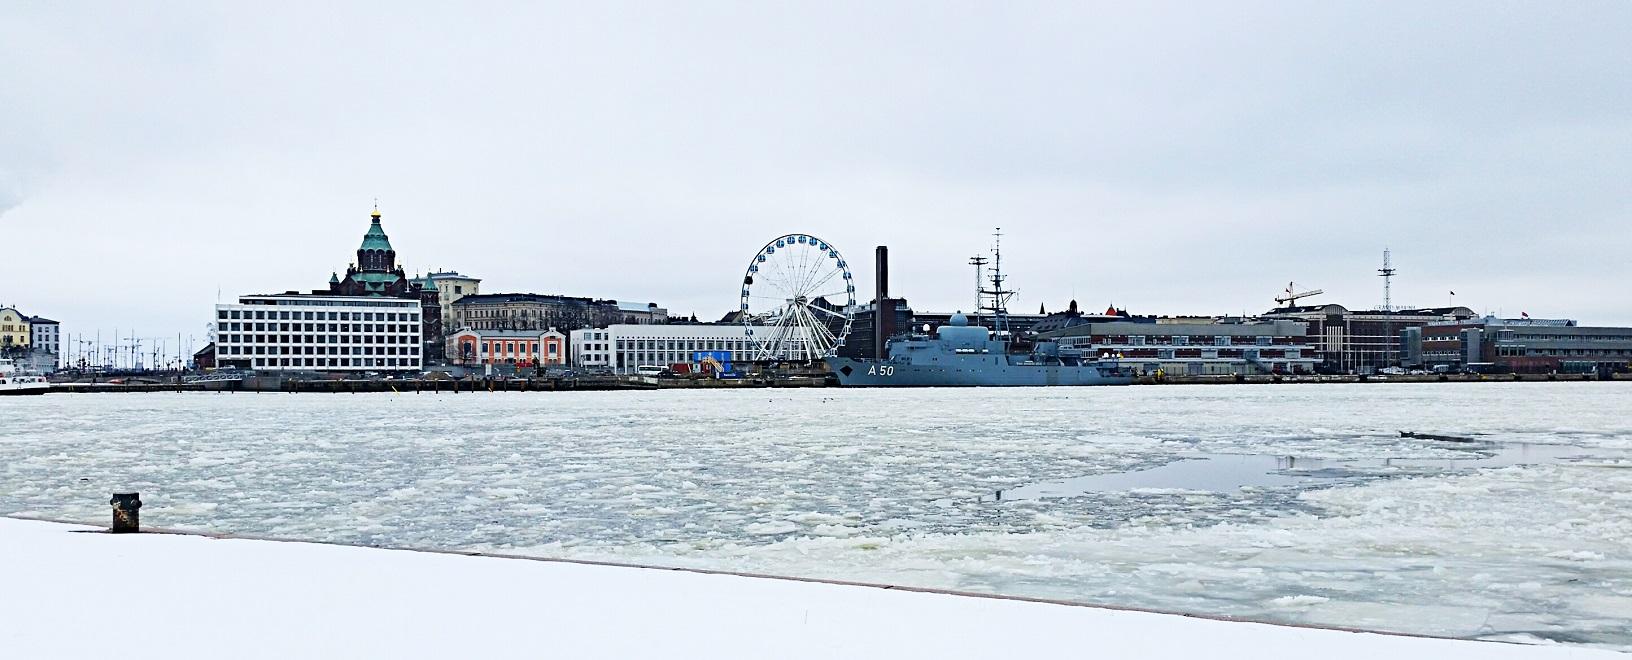 Eisschollen im Hafen von Helsinki - eine tolle Panoramaaufnahme